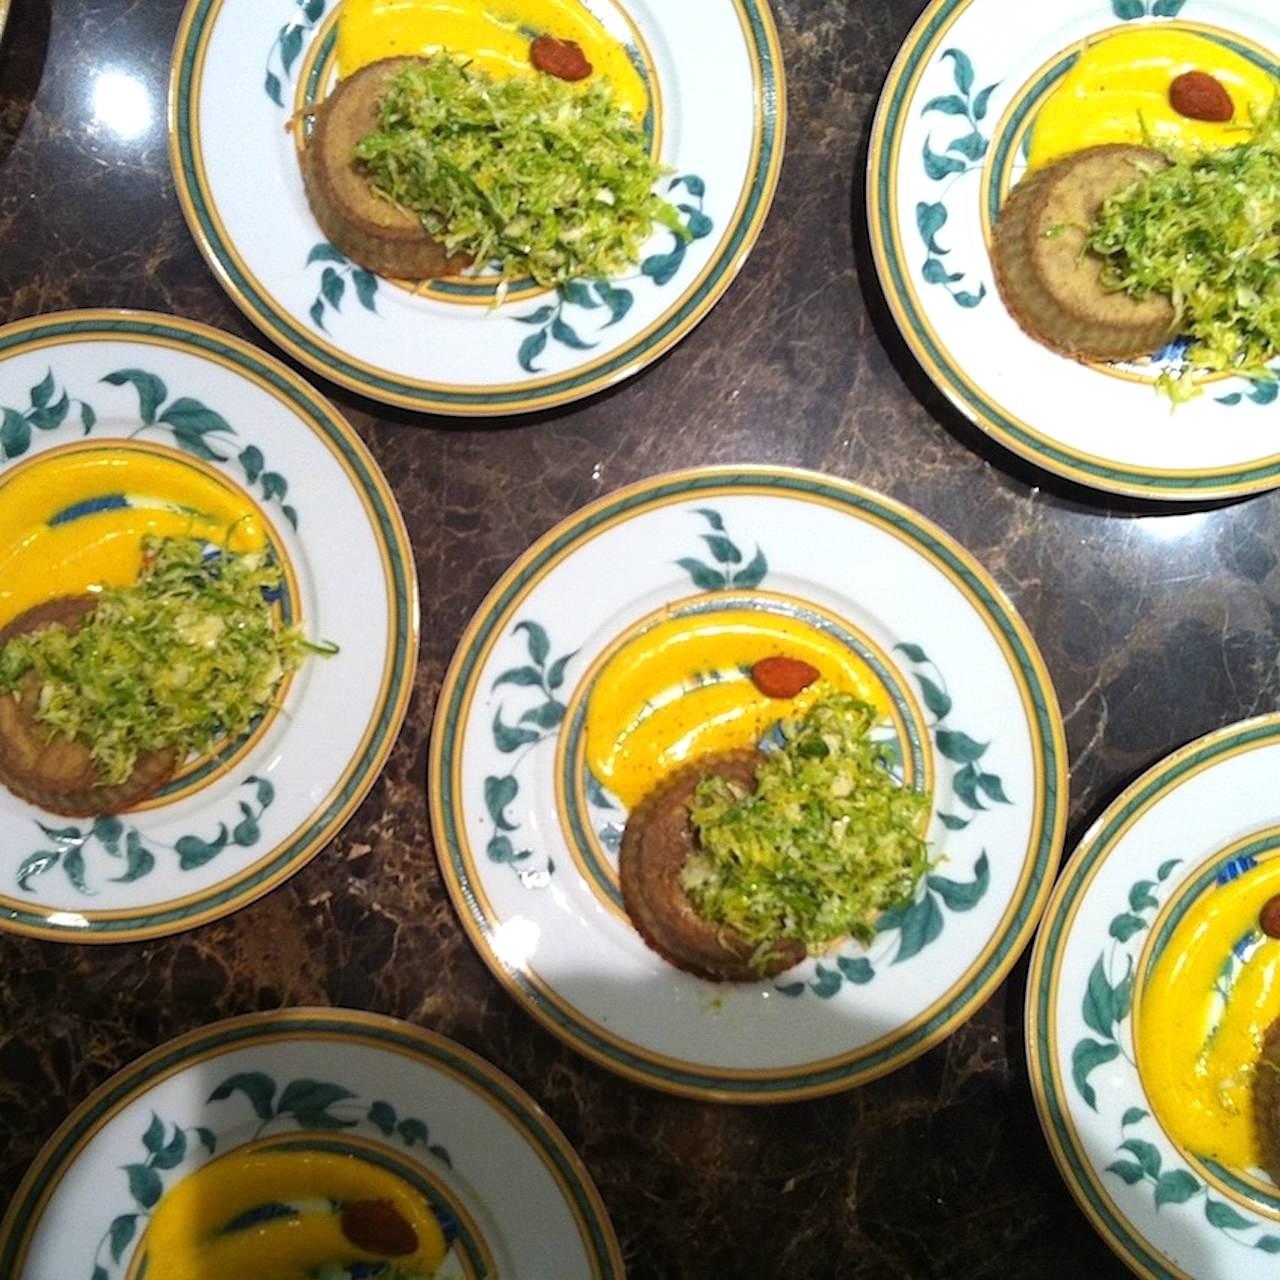 14-Tortino-di-verdure-con-crema-al-caprino-e-insalata-di-cavoletti